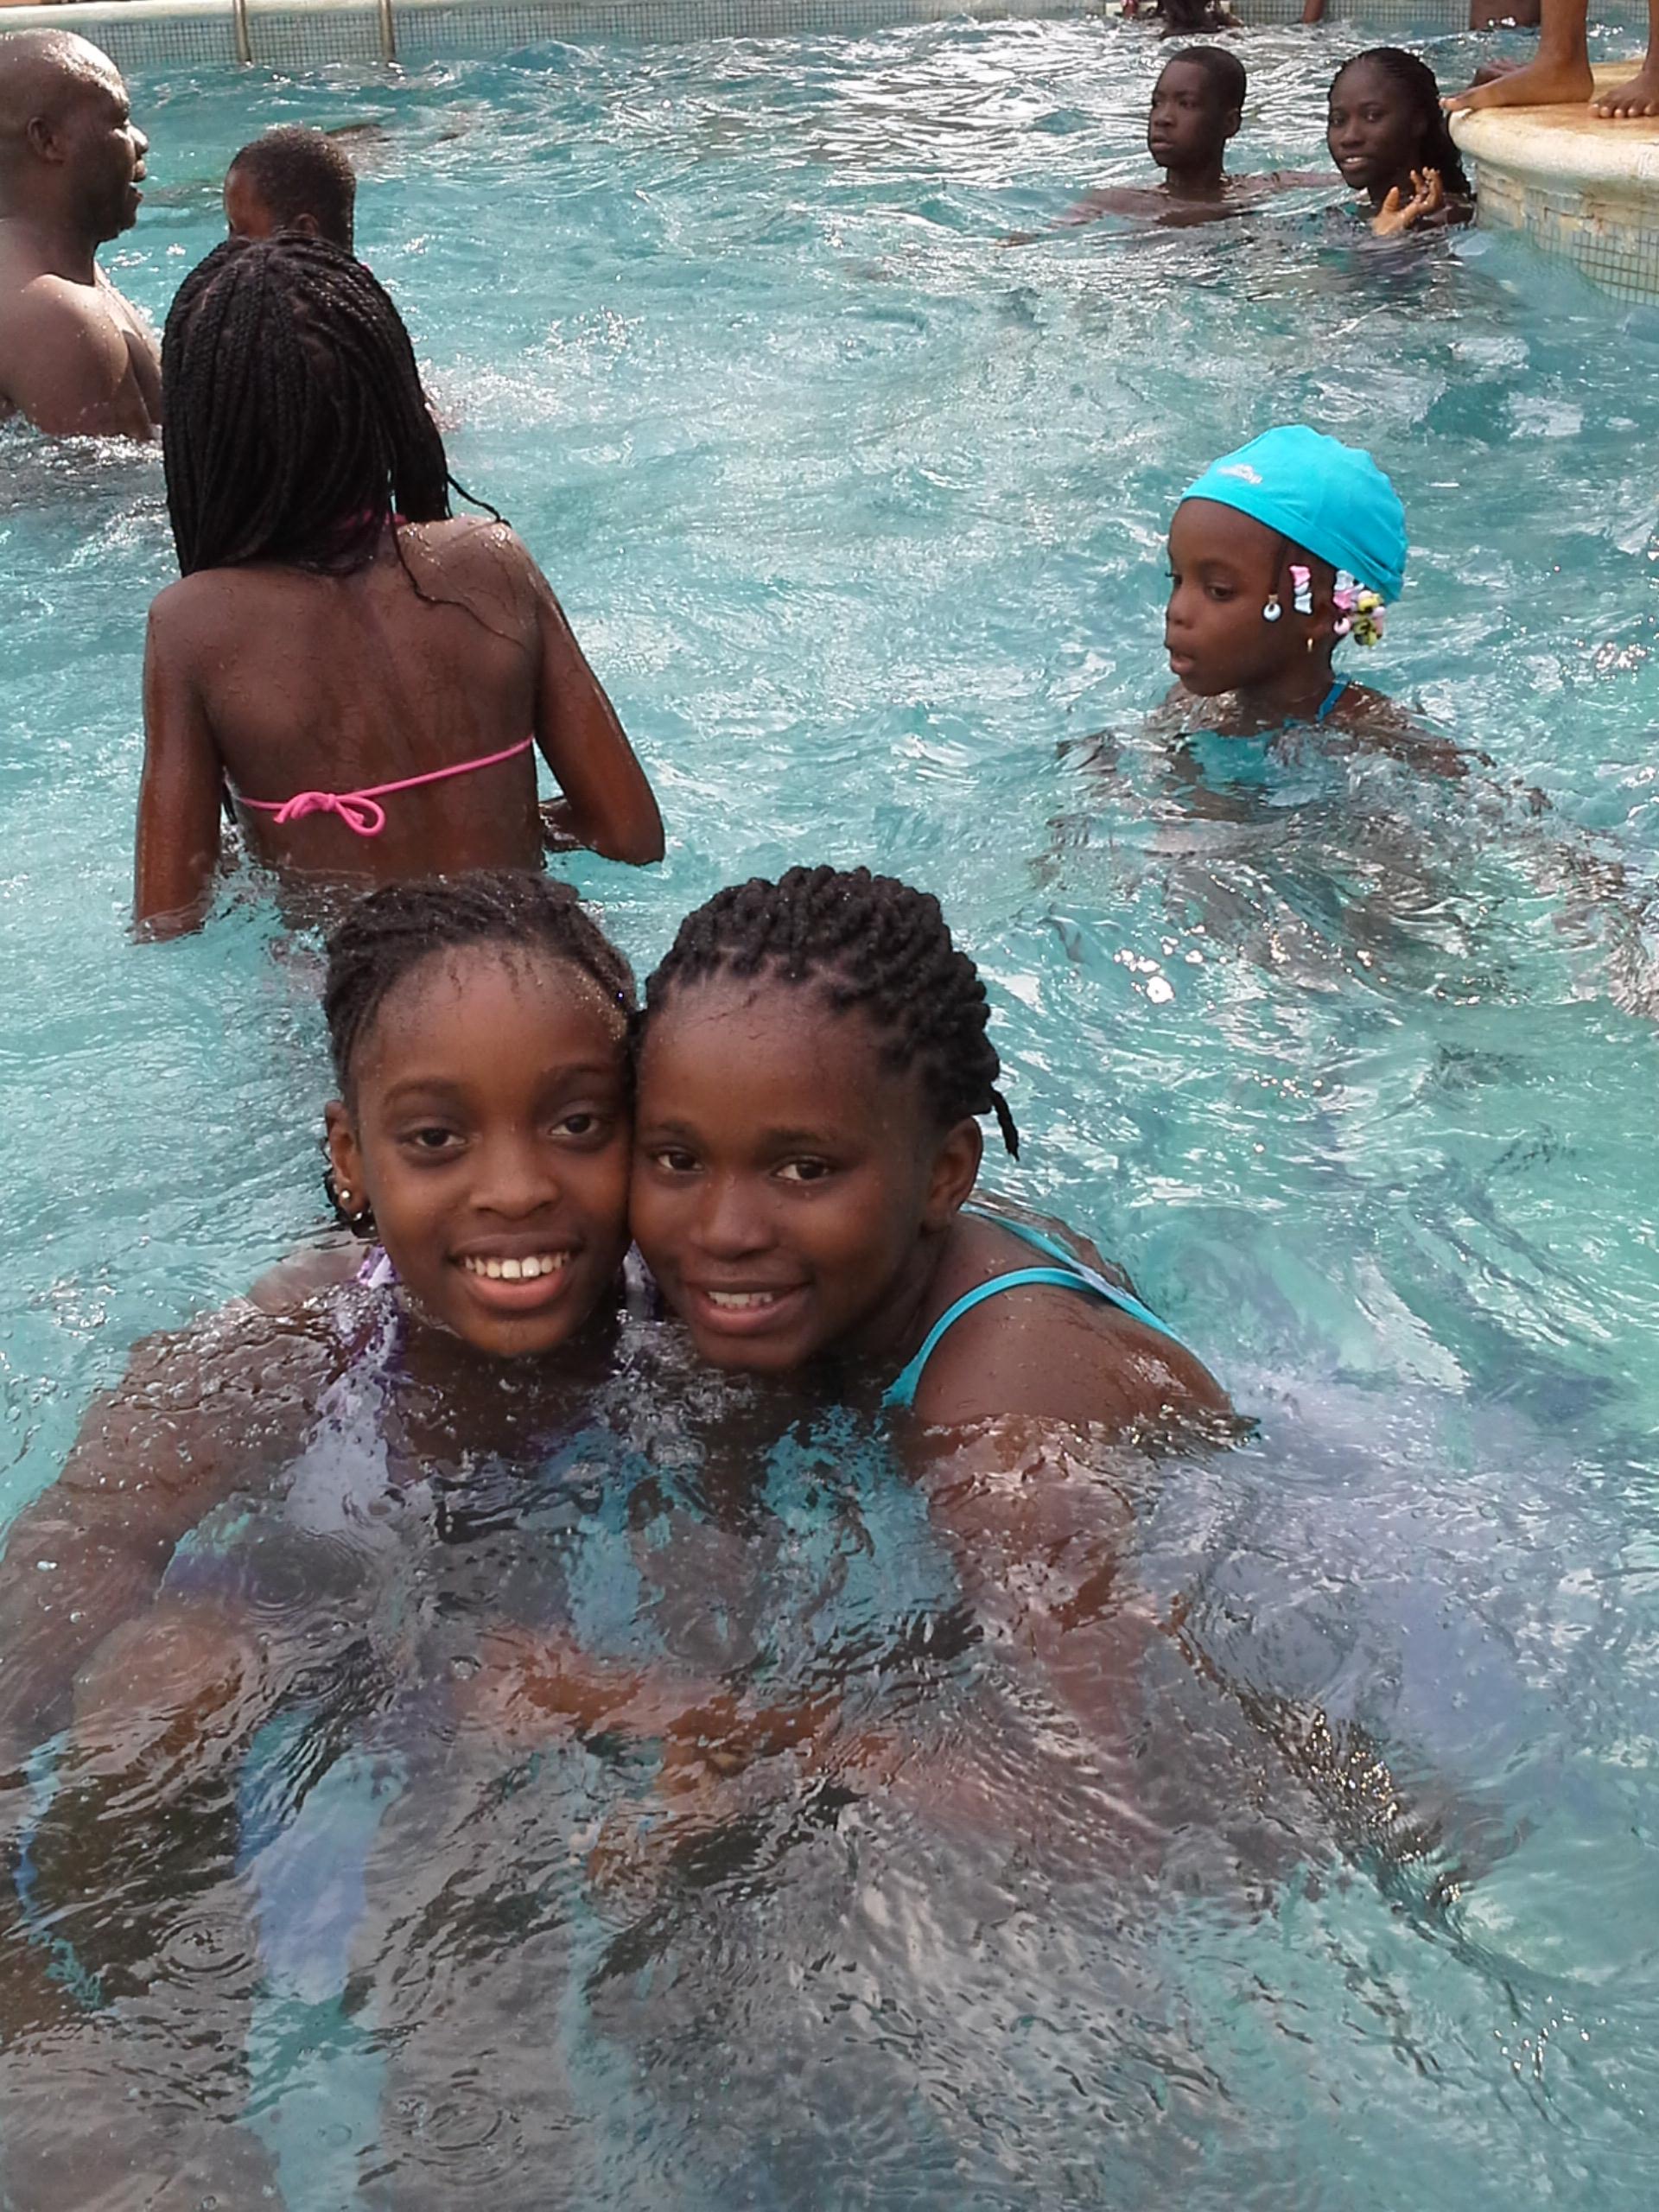 colonie de vacances ndaya gabon 2014 baignade (8)